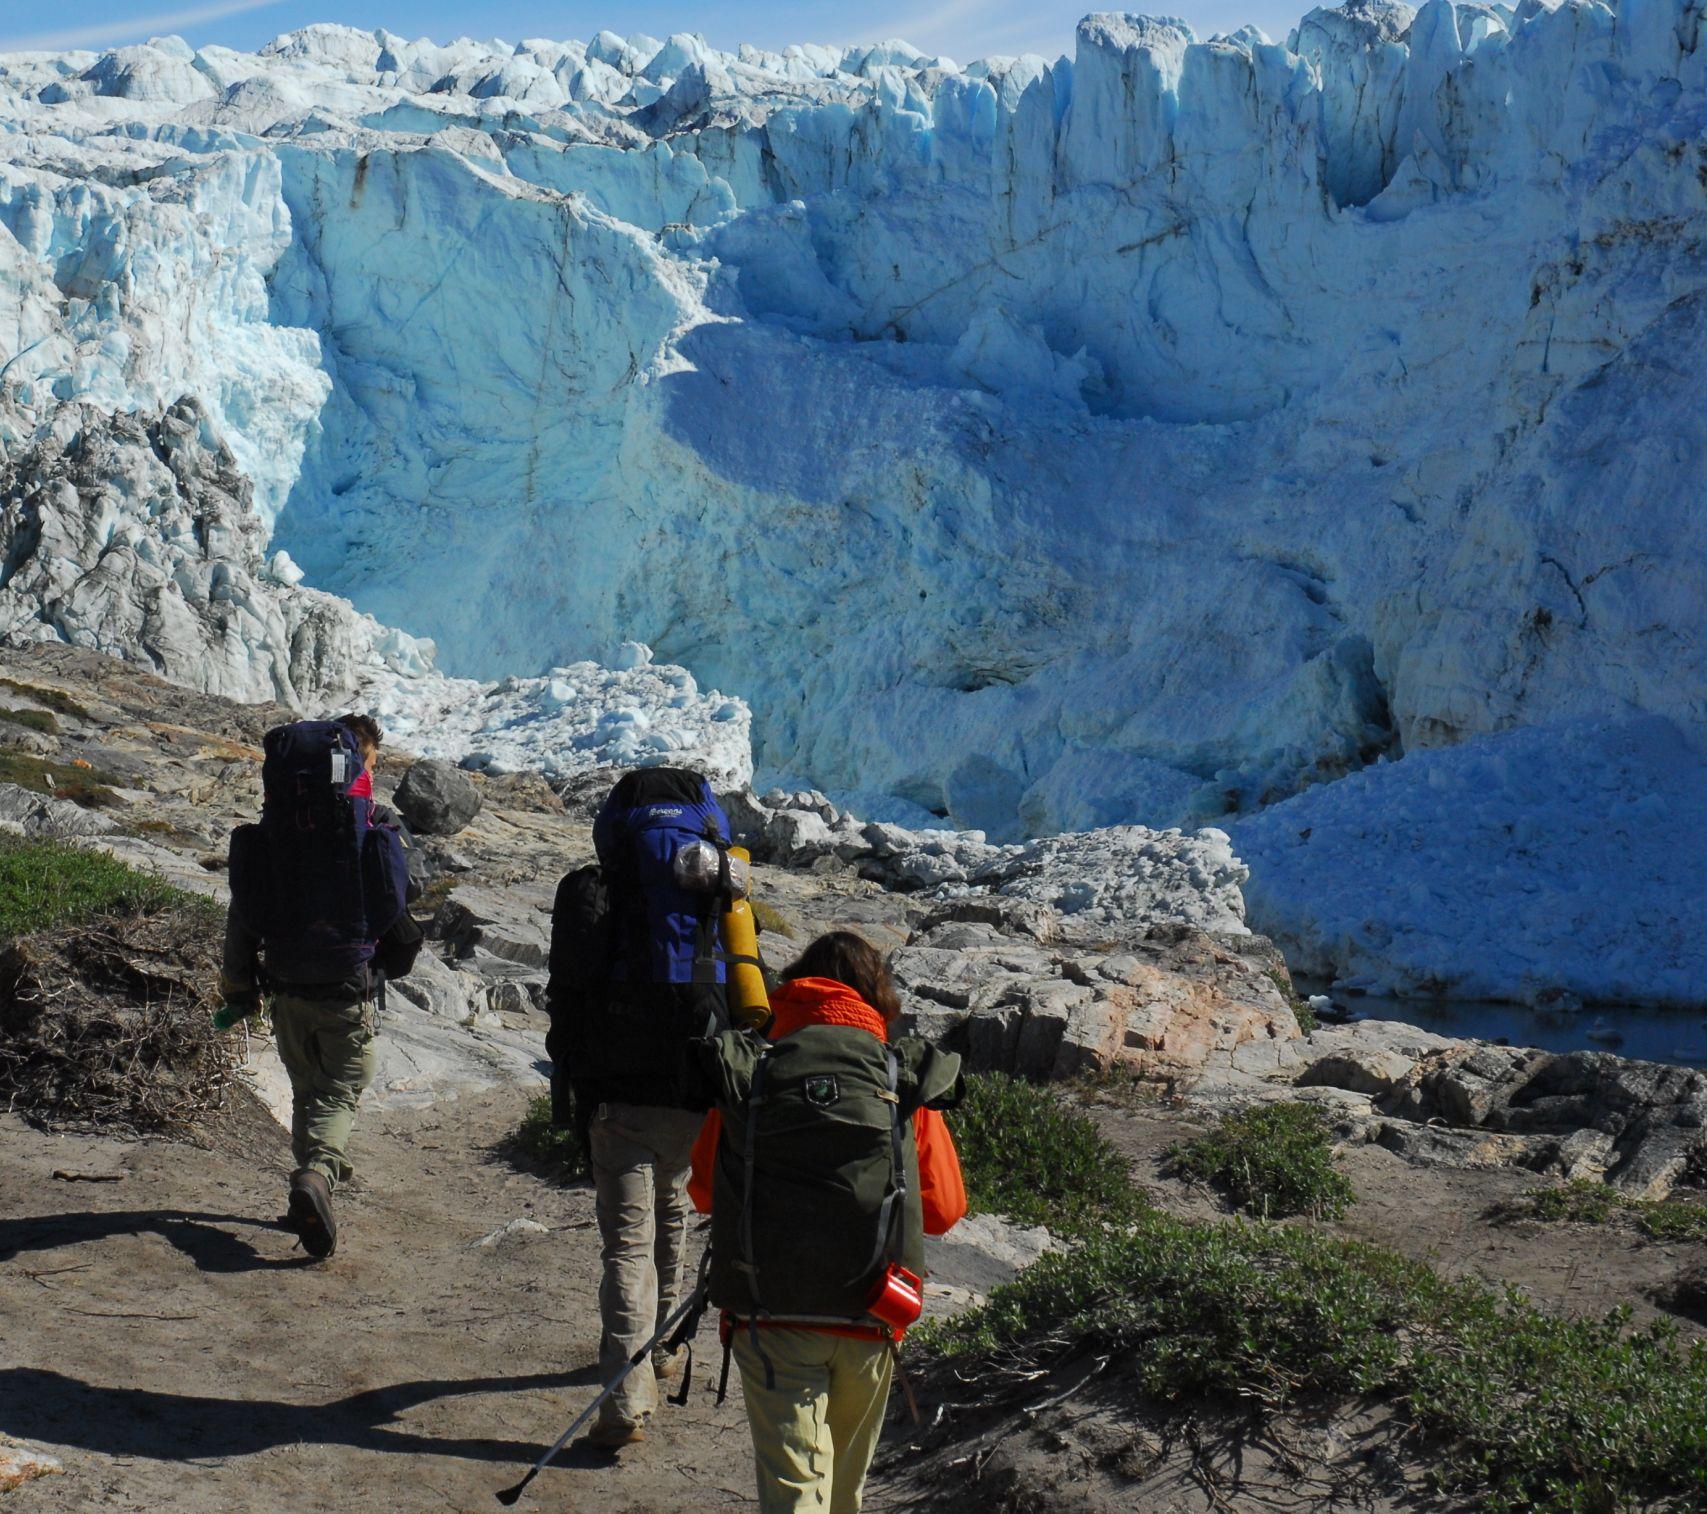 Крижана краса: вид на крижаний фіорд Ілулісат, що отримав статус світової спадщини ЮНЕСКО в 2004 році. Фото: Greenland Tourism /Steen Karup